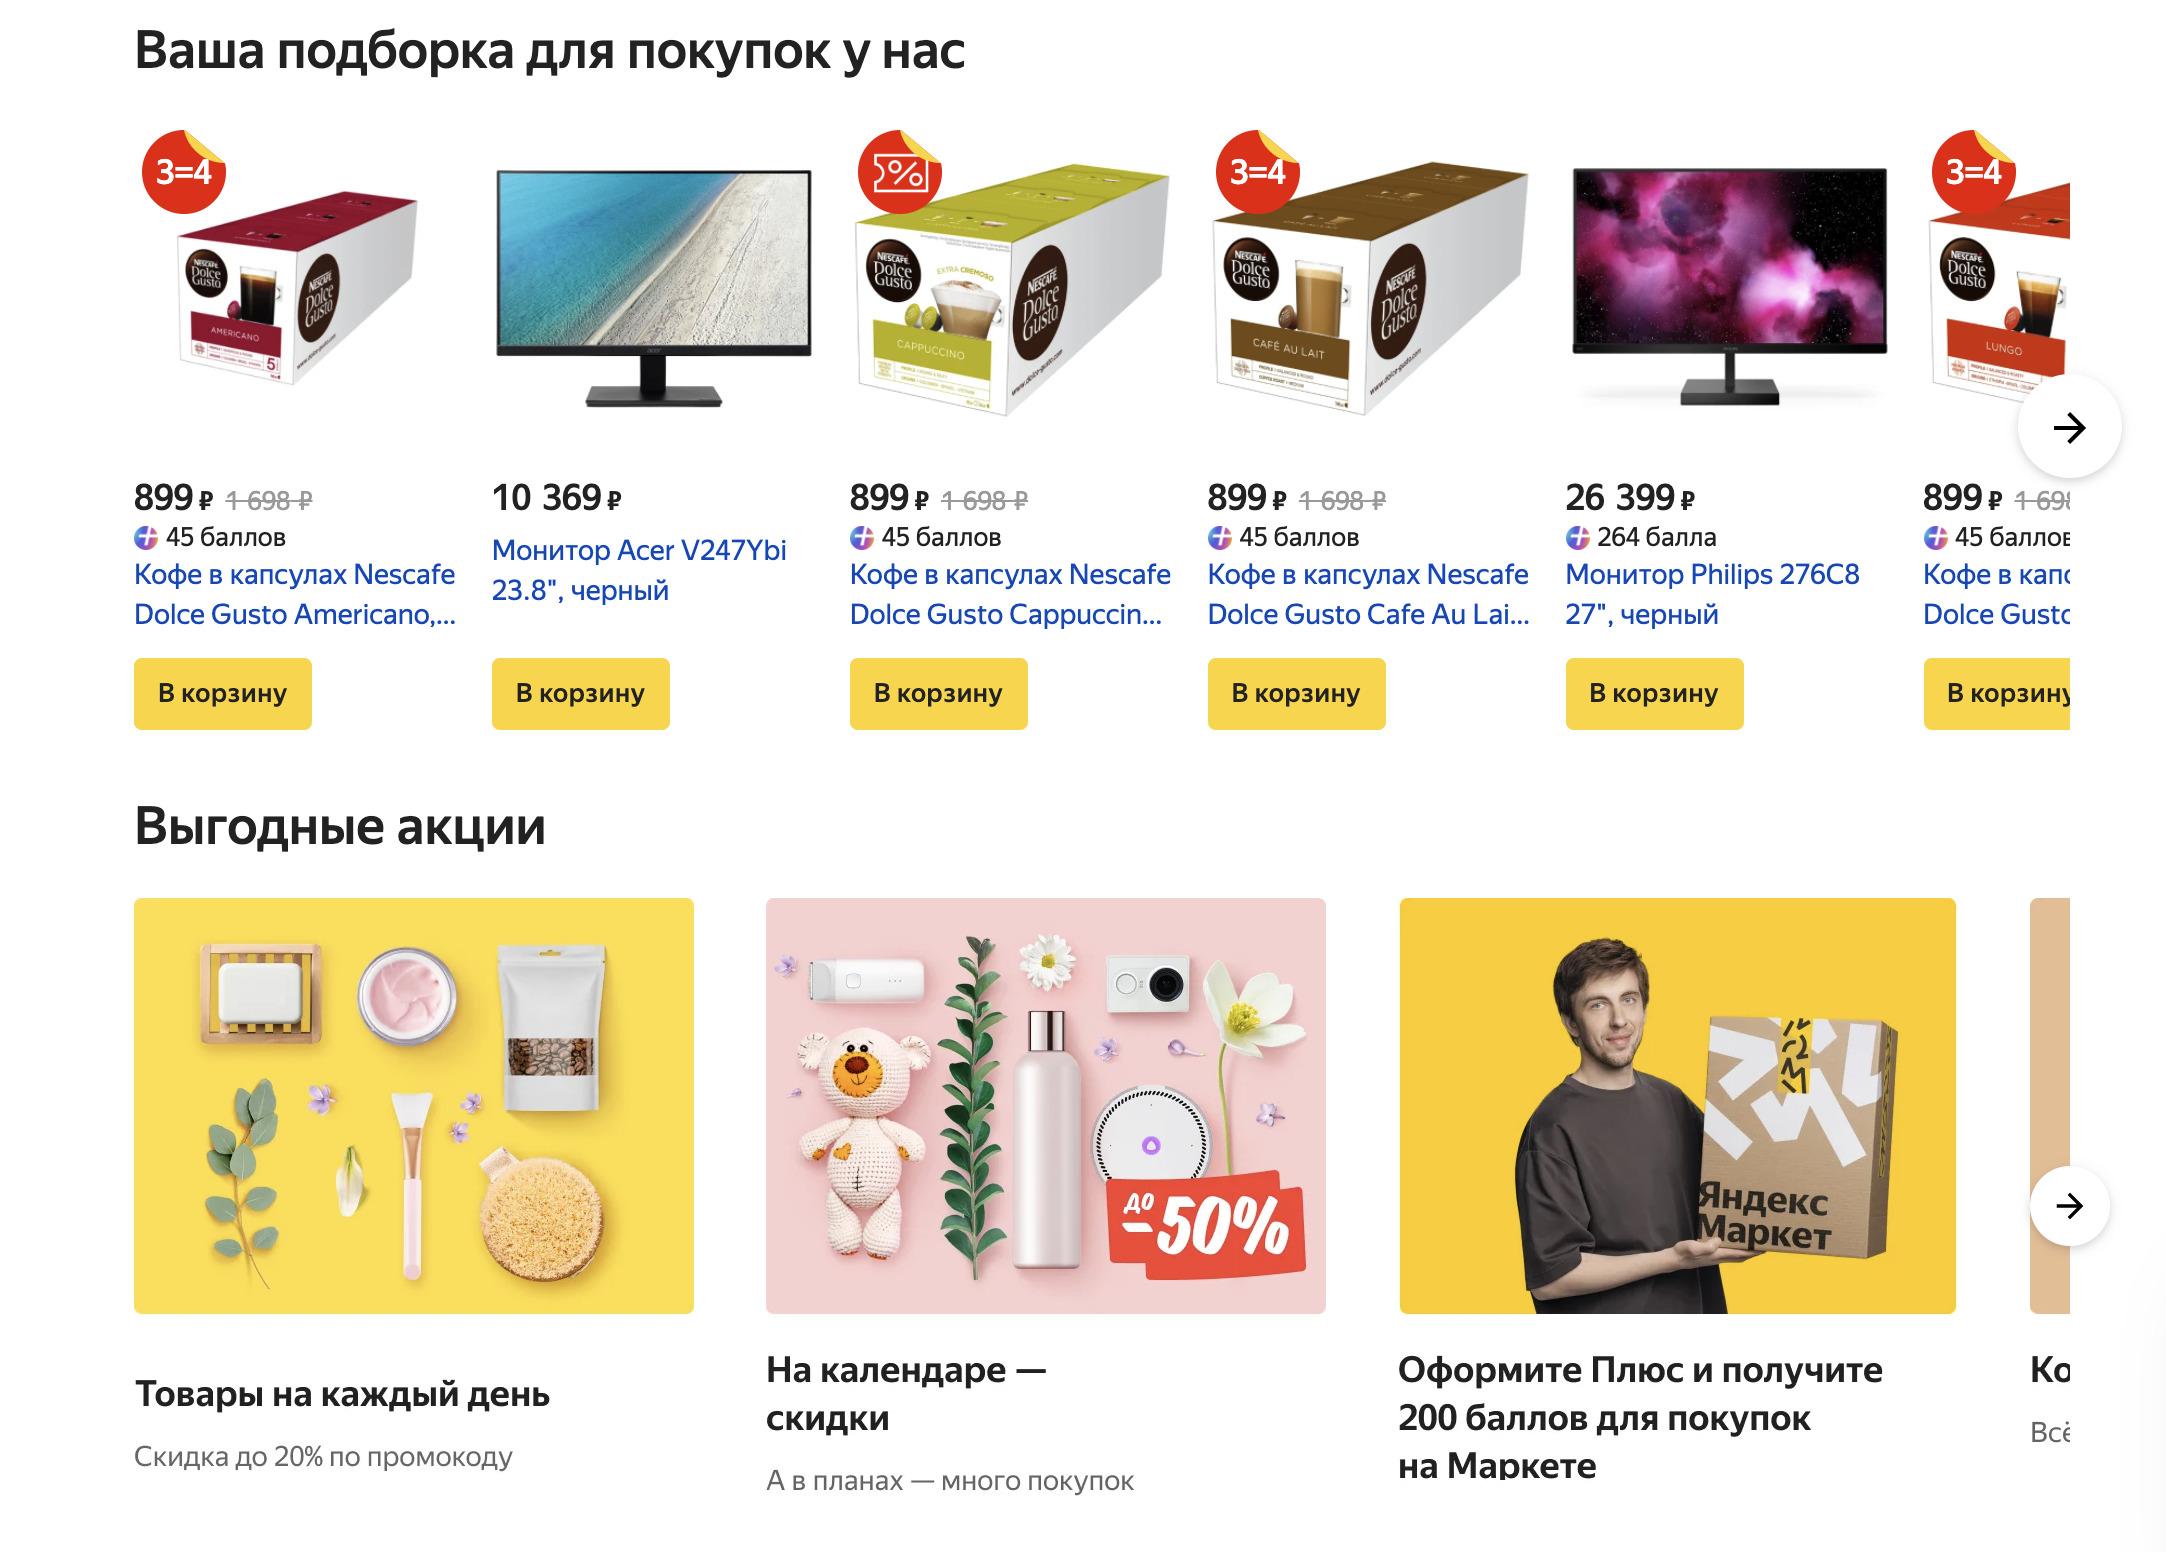 Доставка из Яндекс.Маркет в Арсеньев, сроки, пункты выдачи, каталог